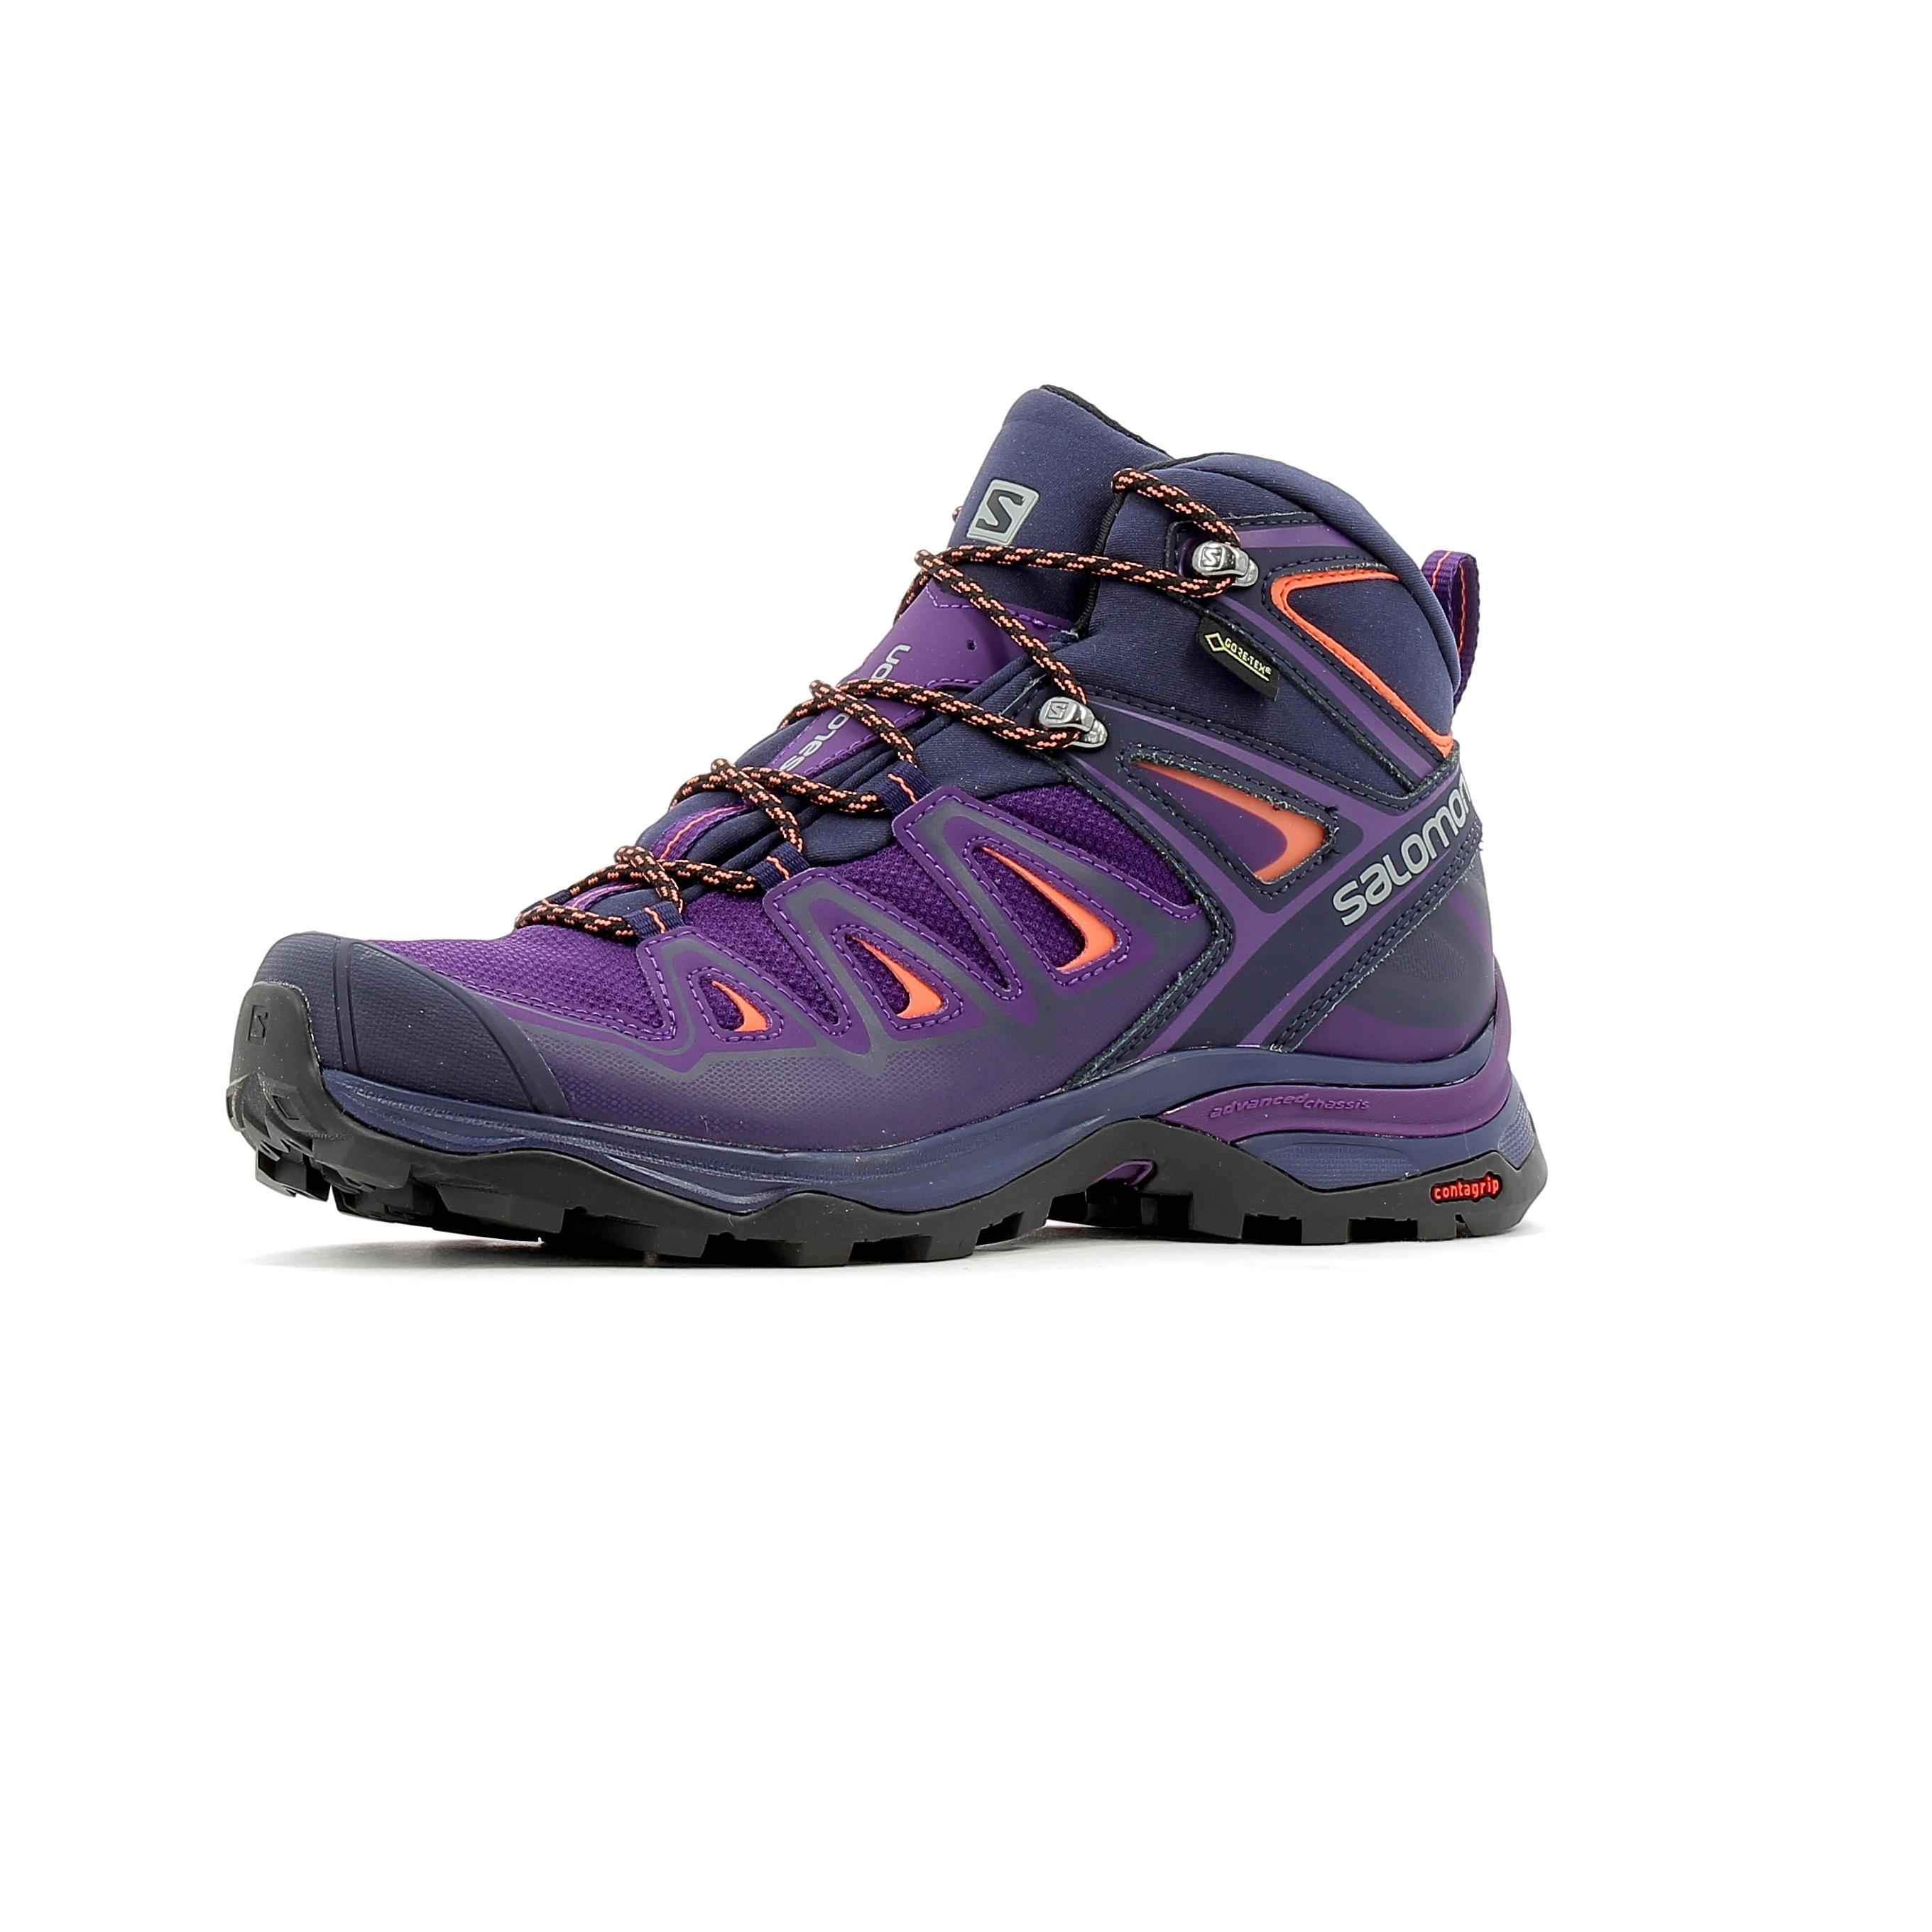 pas cher rechercher le dernier pas cher à vendre Chaussures de randonnée femme Salomon X Ultra 3 Mid GTX W